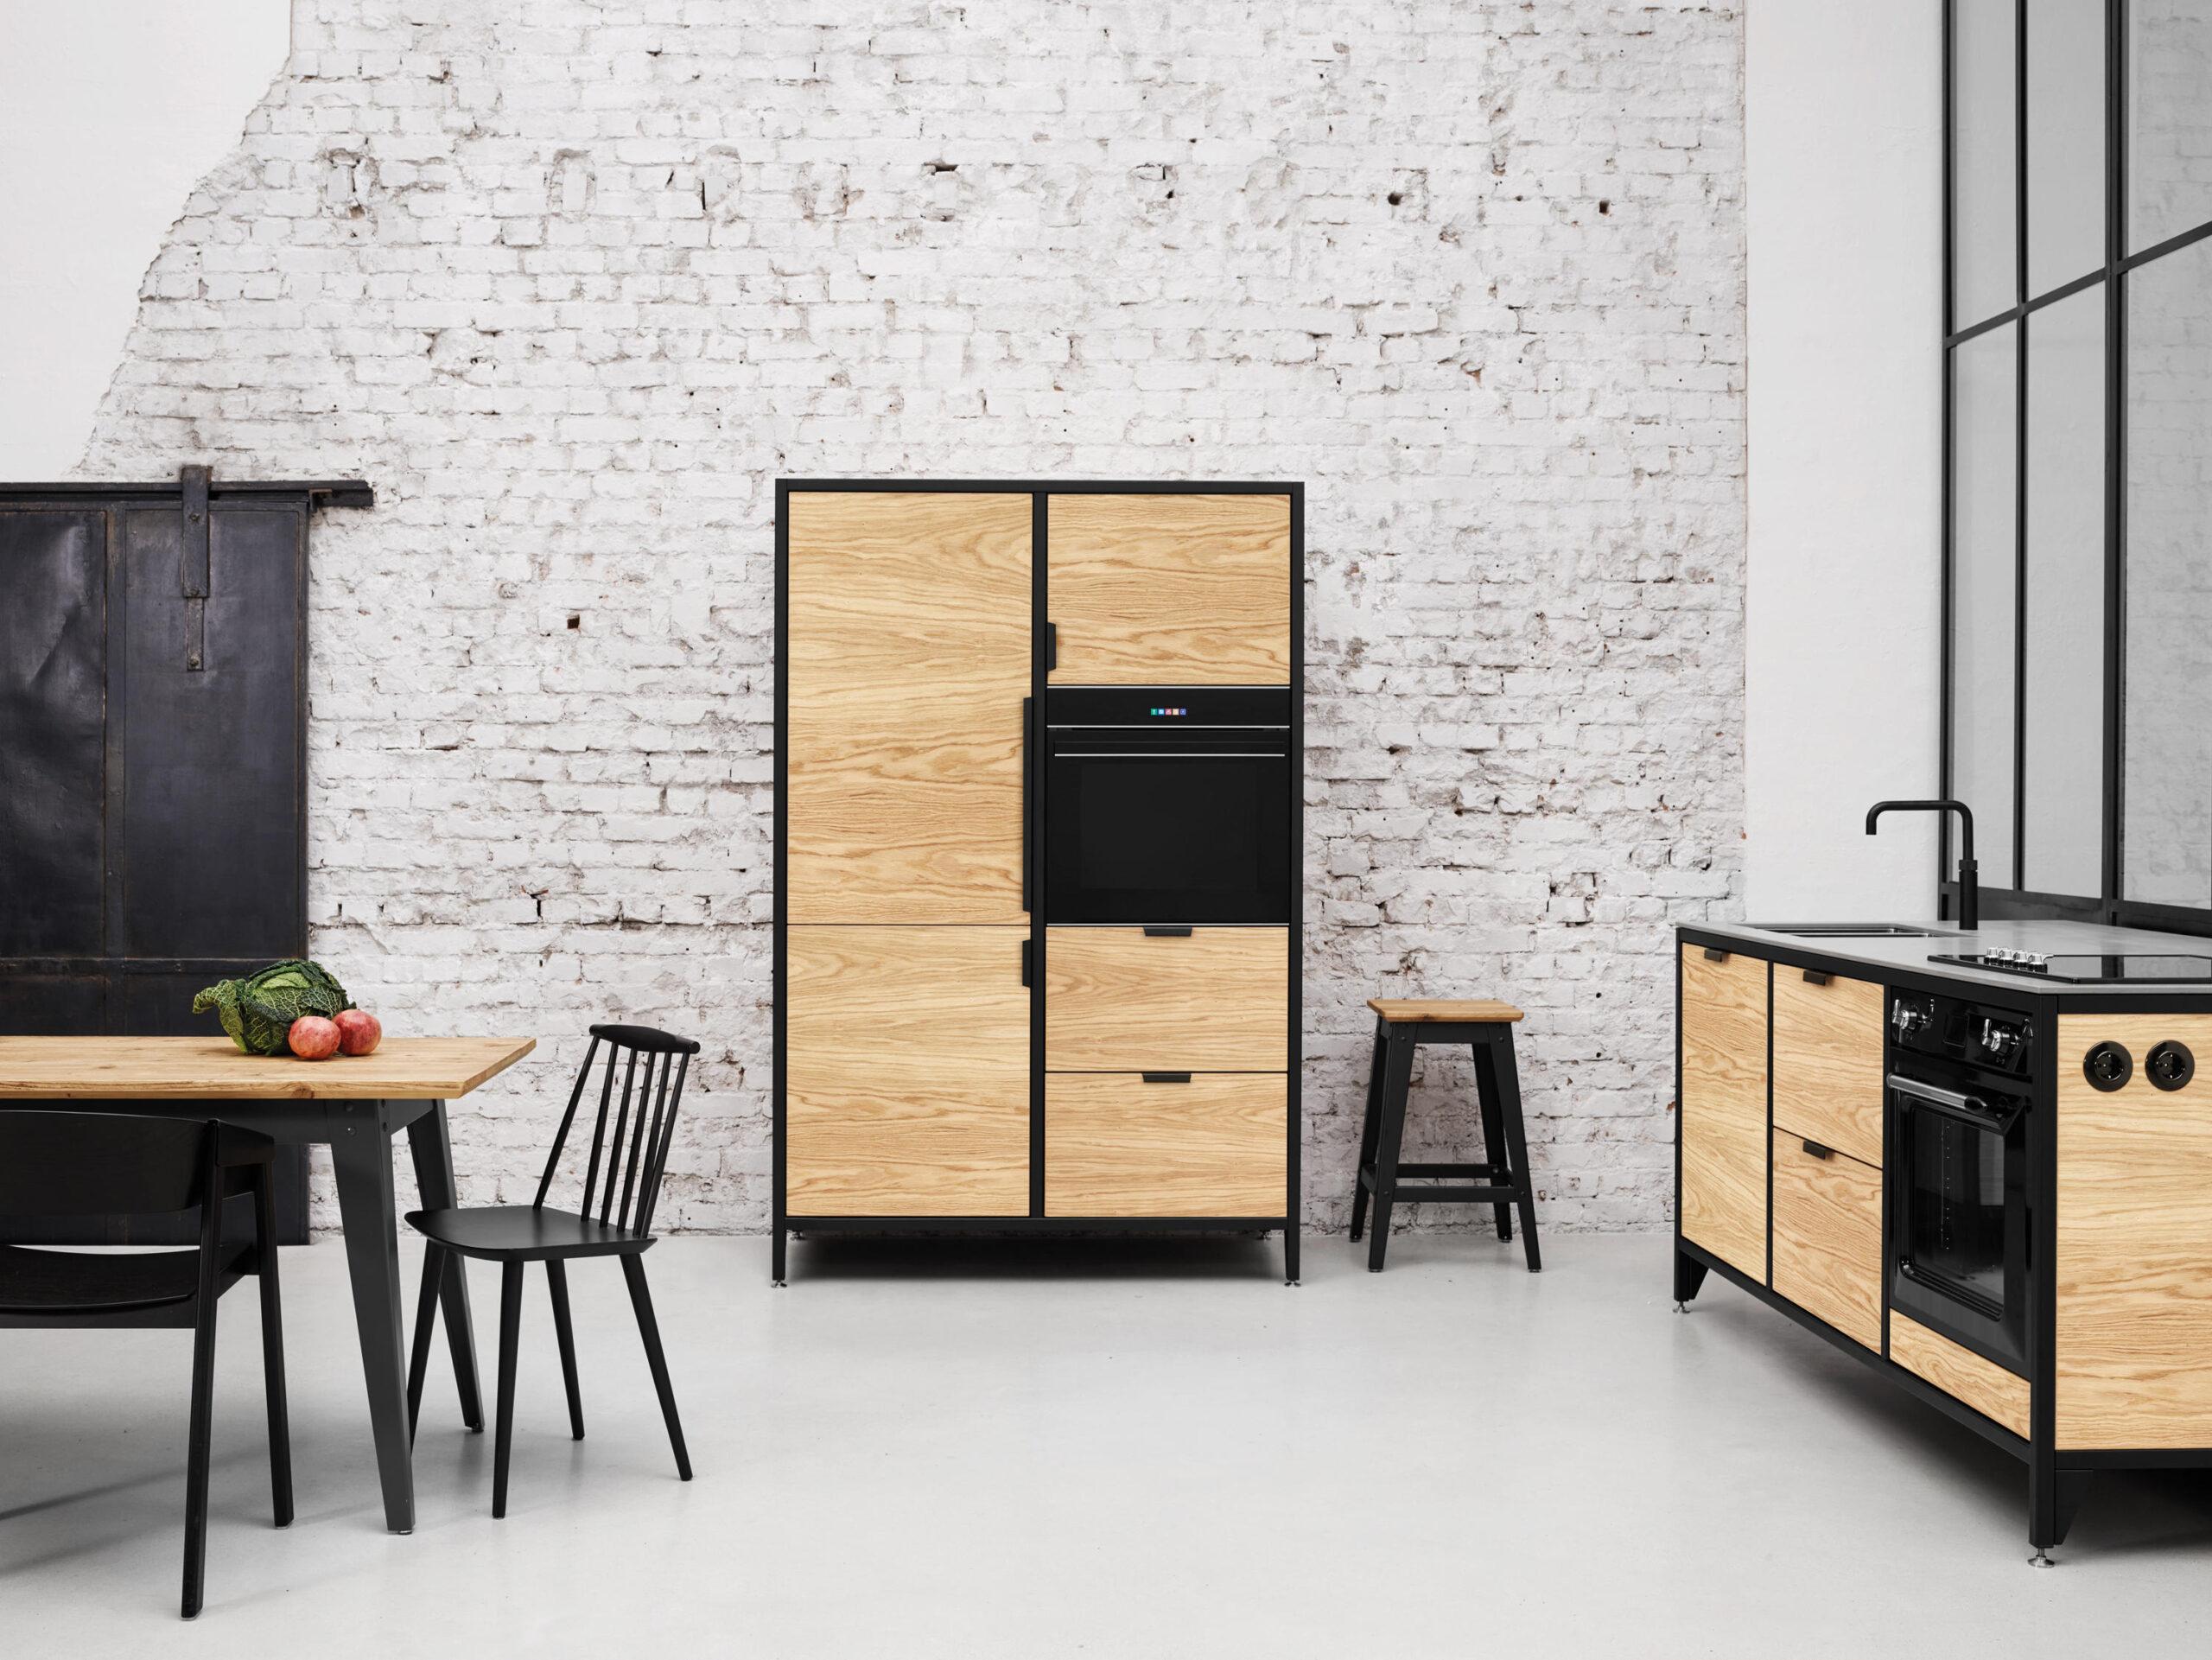 Full Size of Edelstahlküche Outdoor Küche Edelstahl Modulküche Holz Gebraucht Ikea Garten Wohnzimmer Modulküche Edelstahl